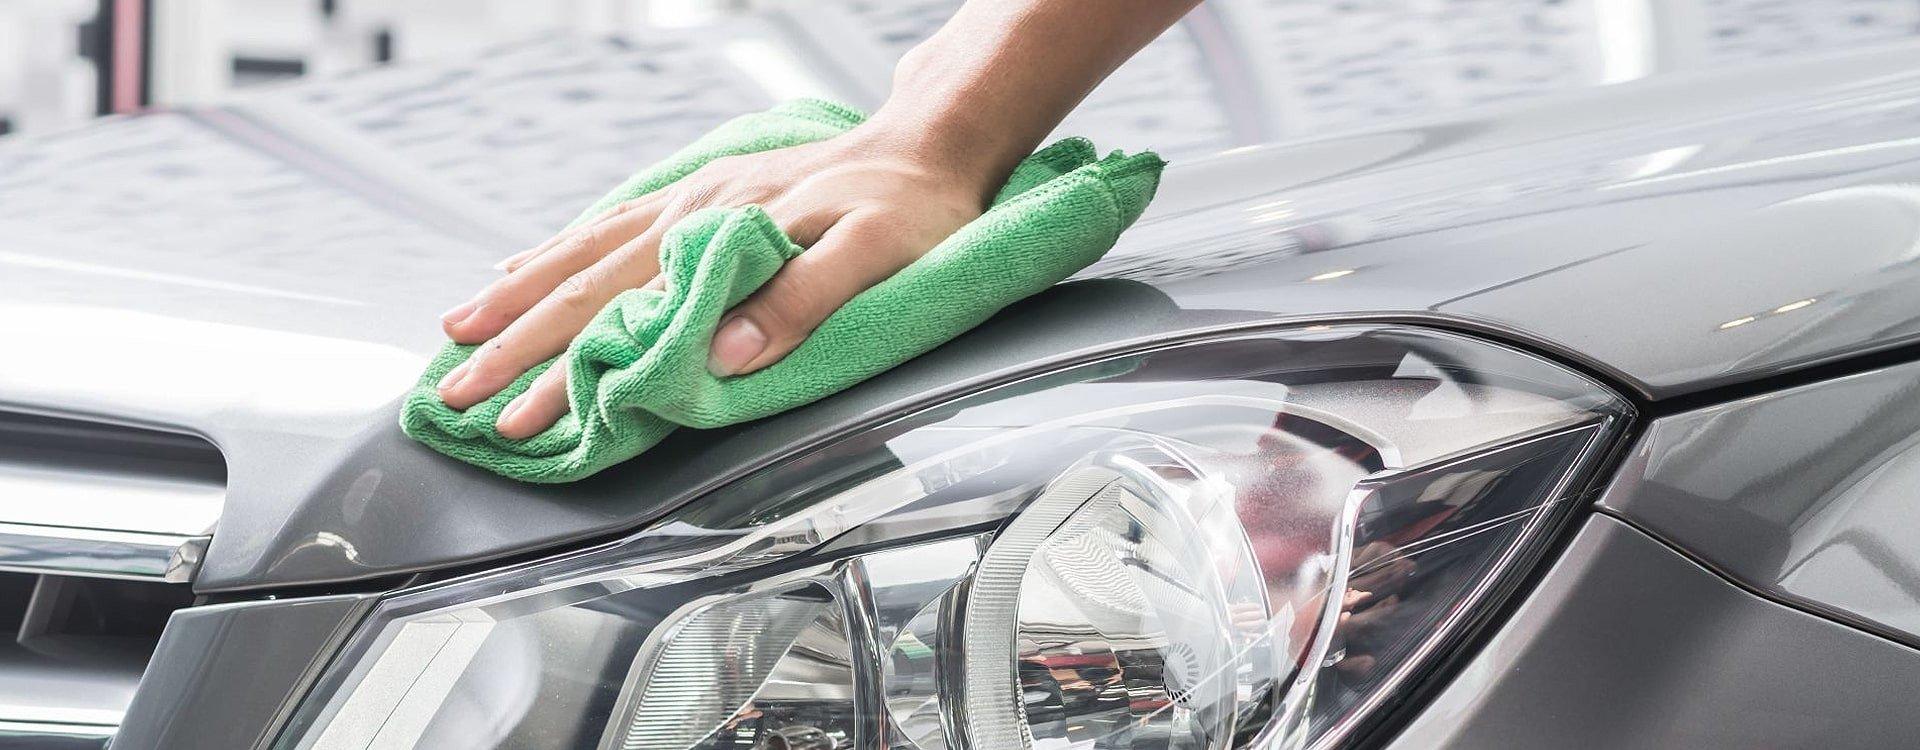 Jak usunąć rysy z samochodu?